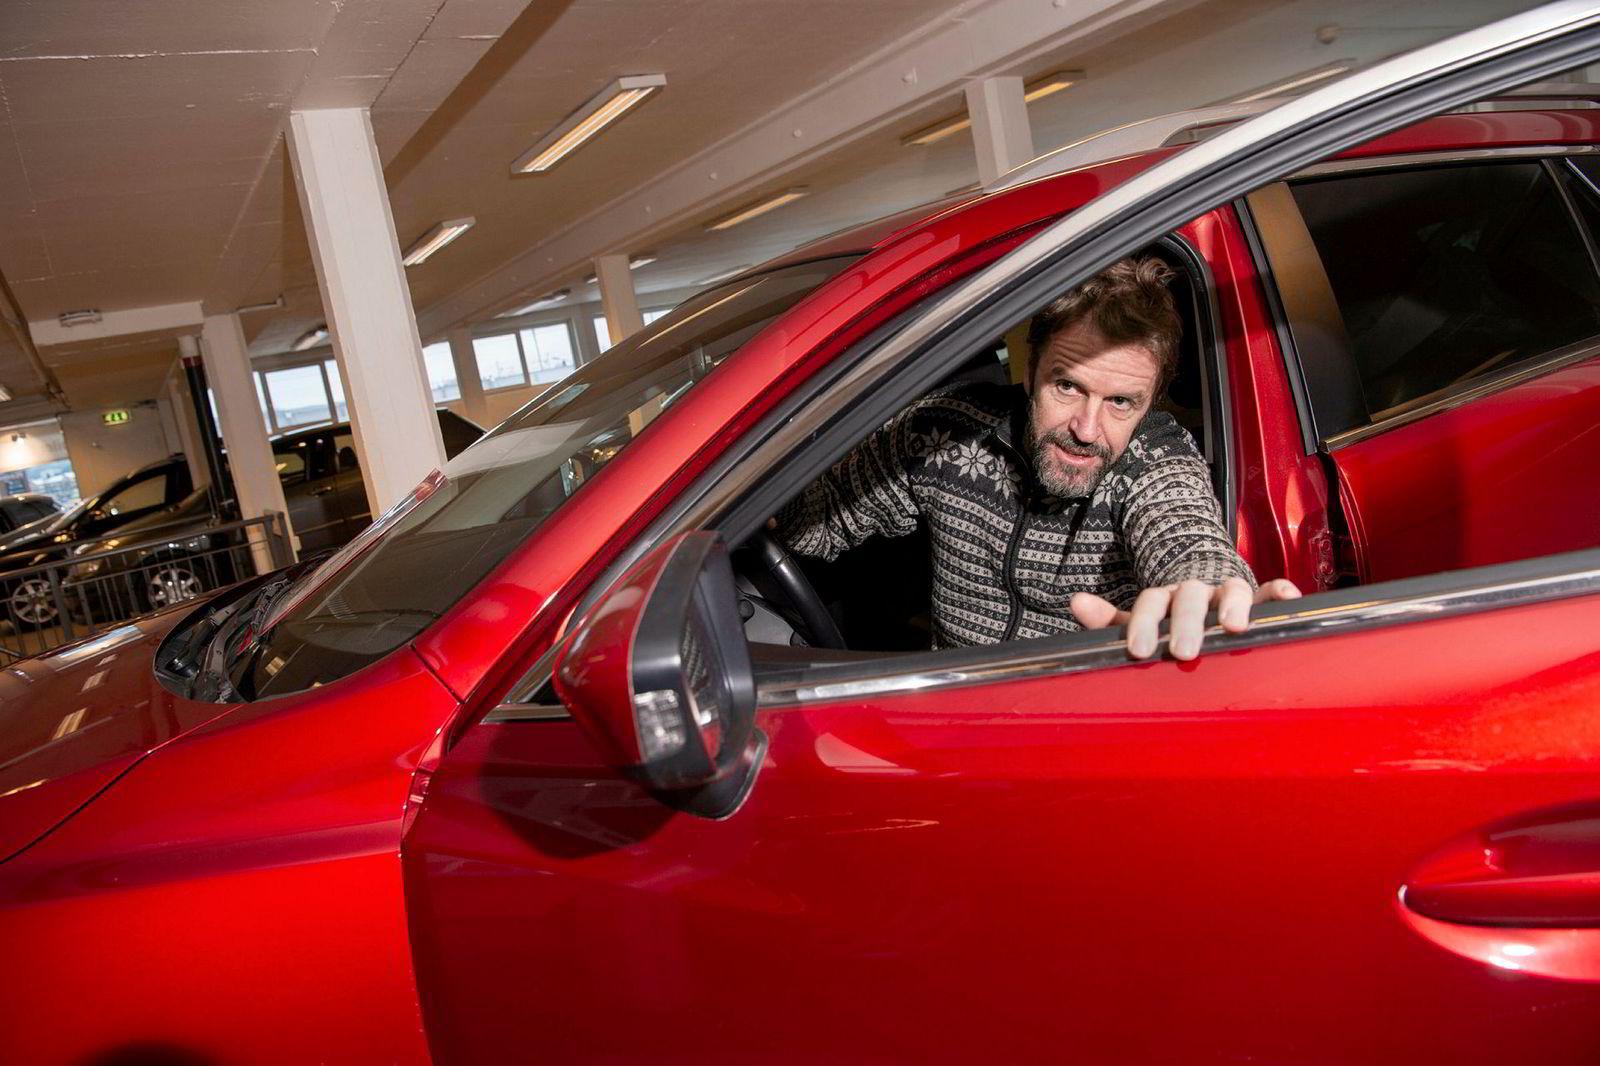 Per Rønning i Pers Bil skal etter nyttår flytte ut av sine lokaler på Grorud. Selv om omsetningen i 2017 økte, tapte han, som mange andre bruktbilselgere, penger.